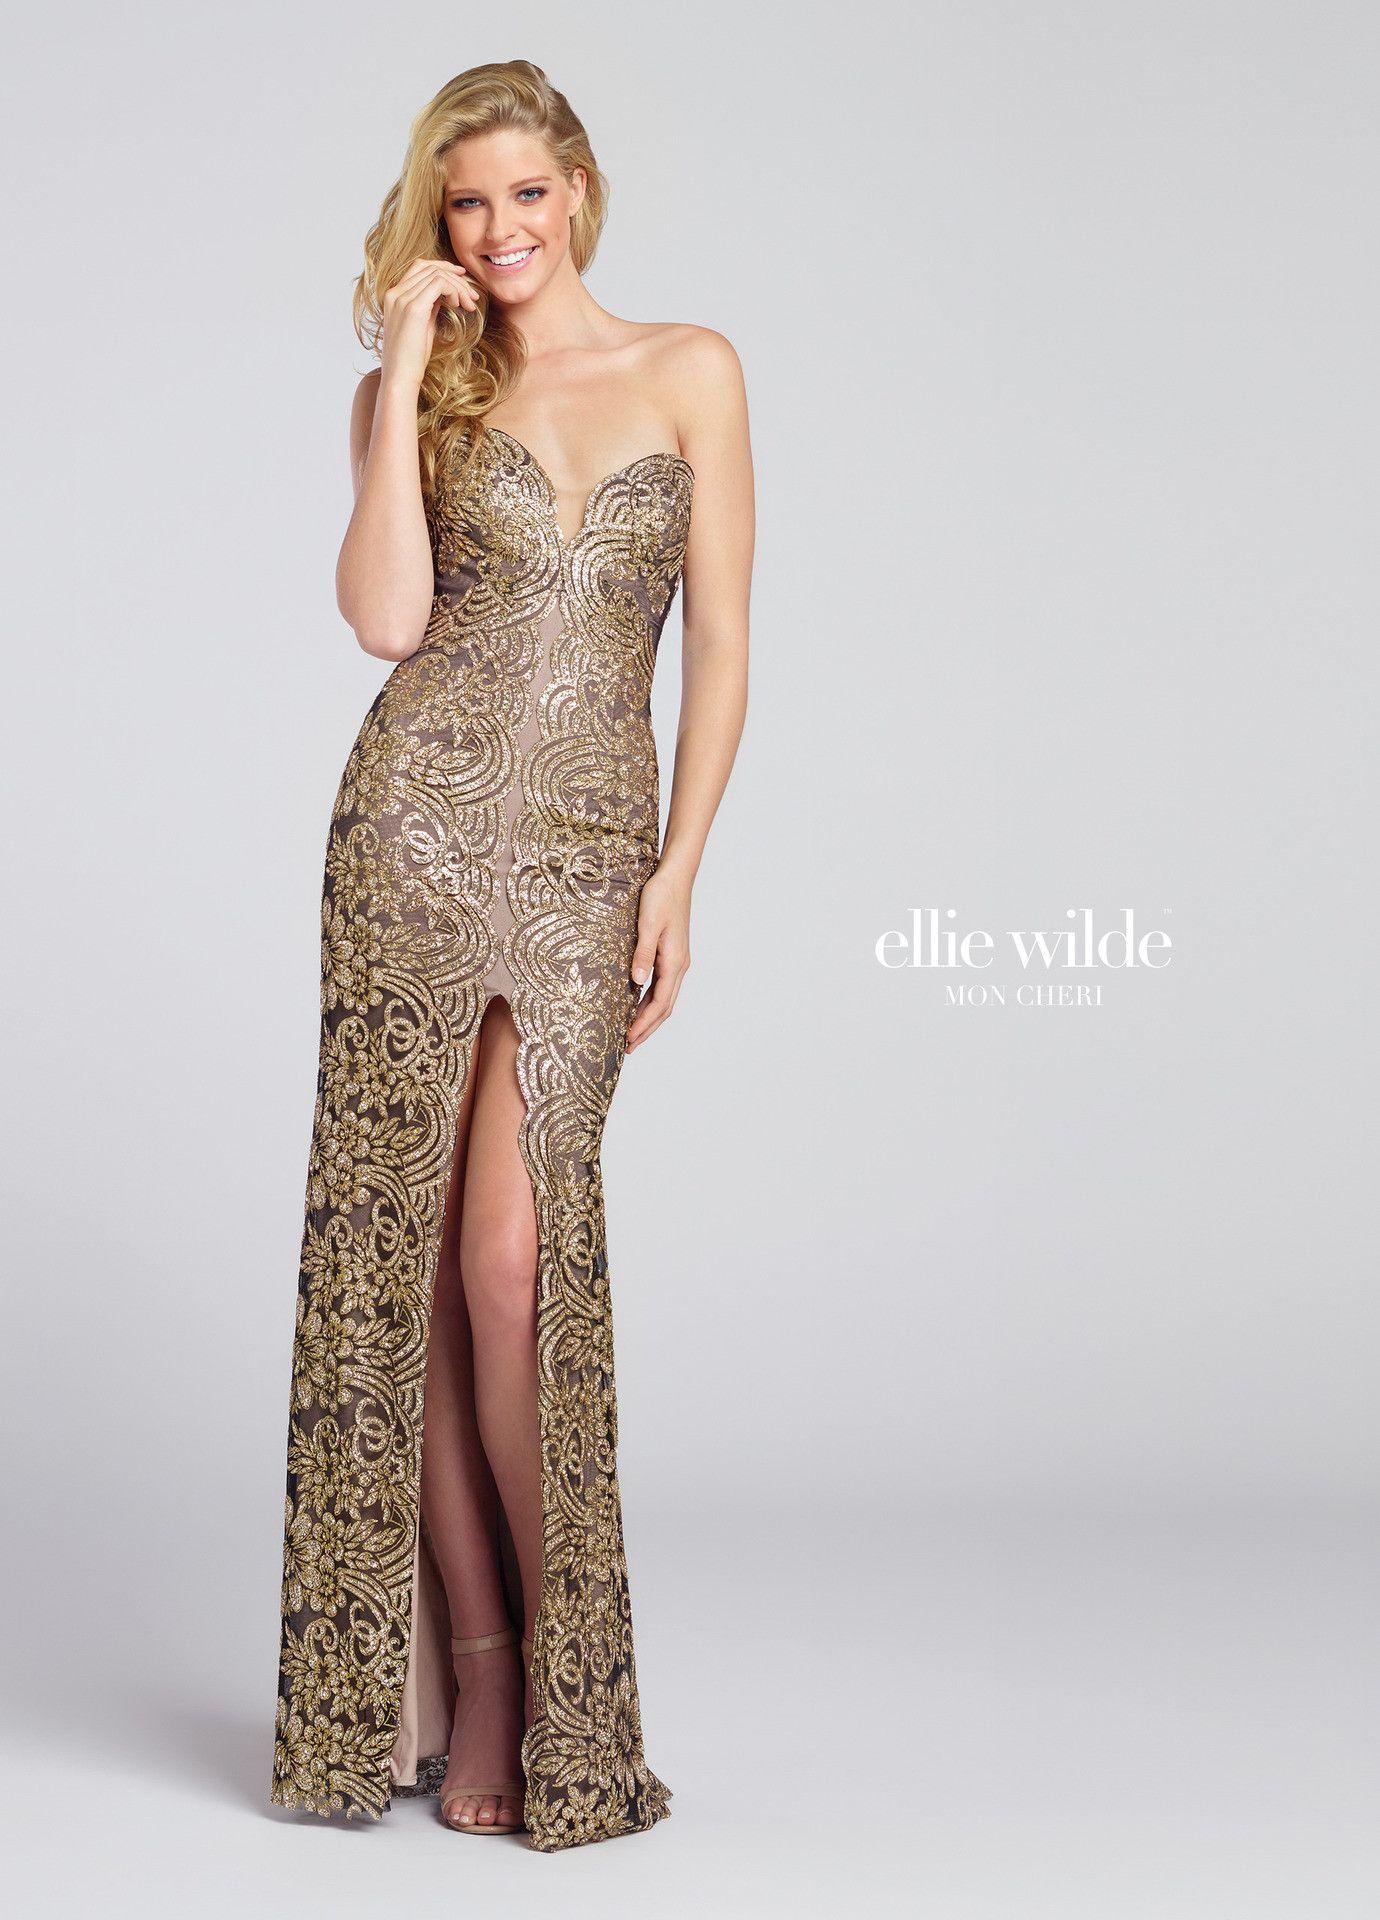 Ellie wilde black gold embellished sweetheart prom dress